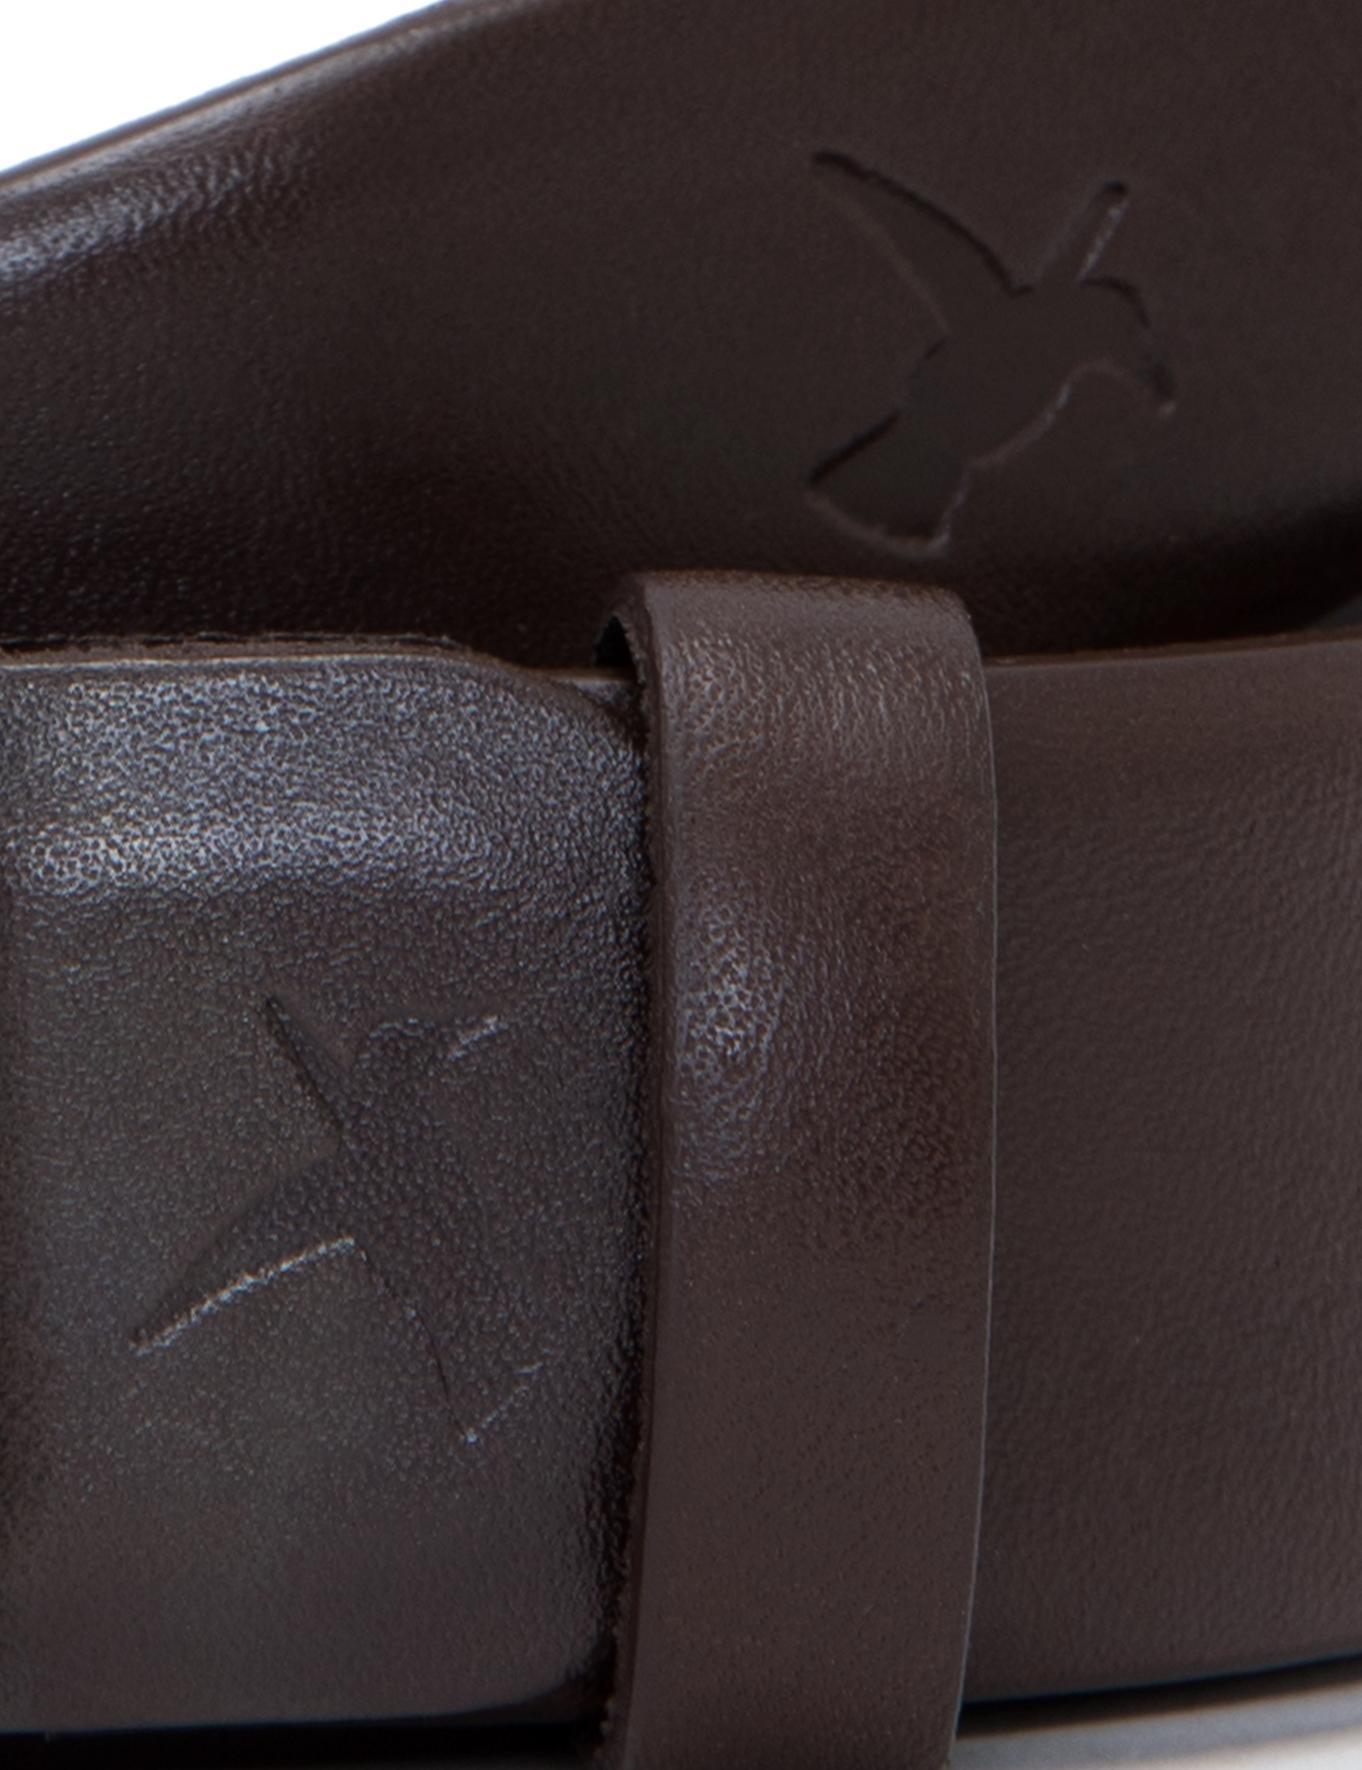 Kahverengi Kemer - 50235573013